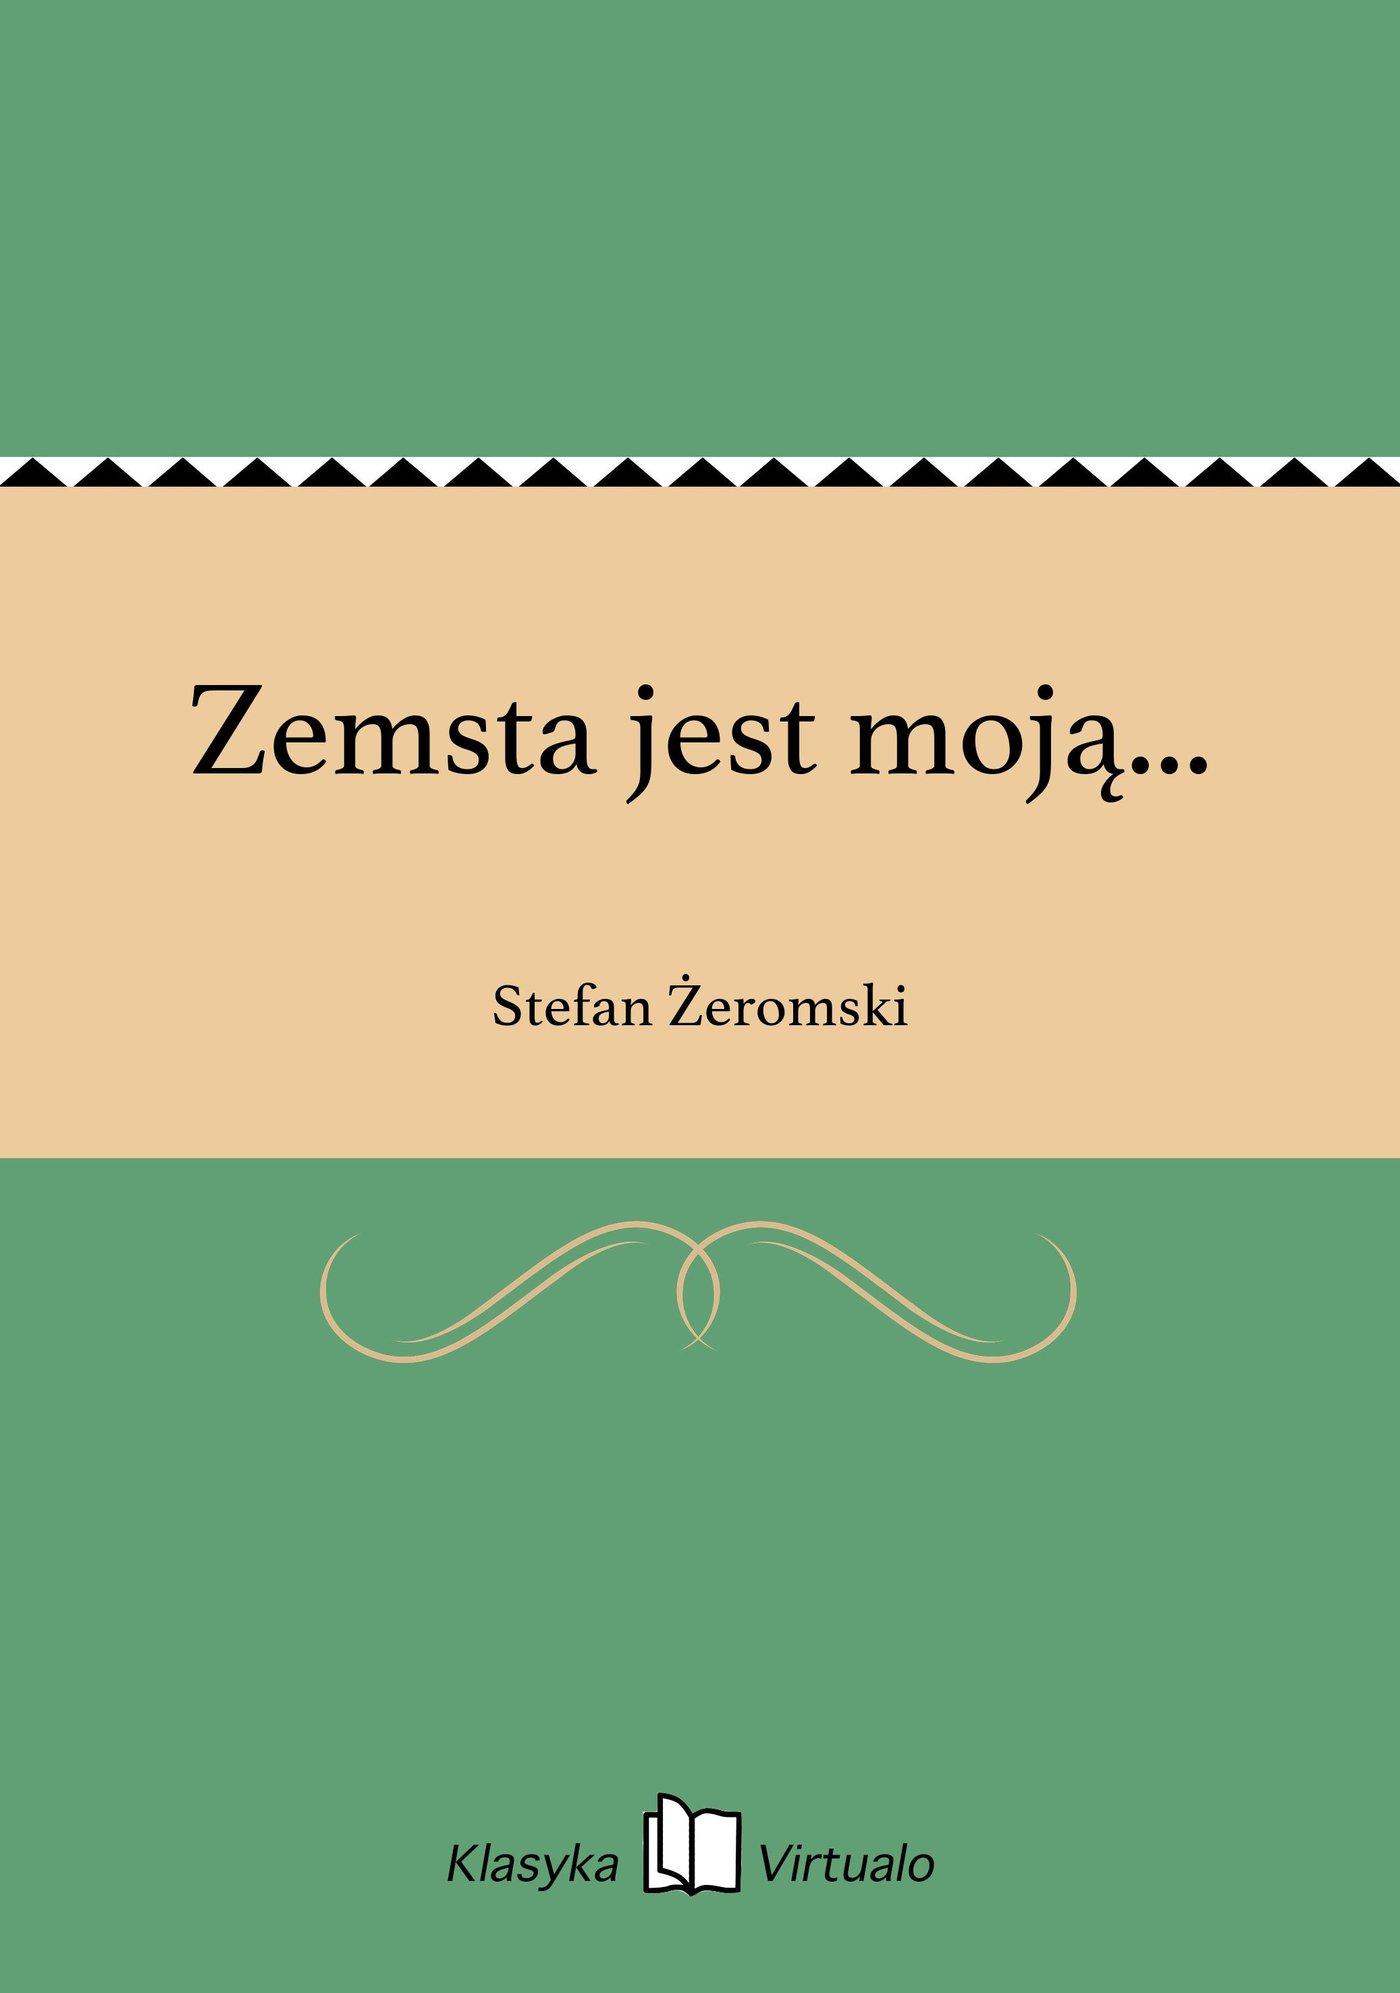 Zemsta jest moją... - Ebook (Książka EPUB) do pobrania w formacie EPUB